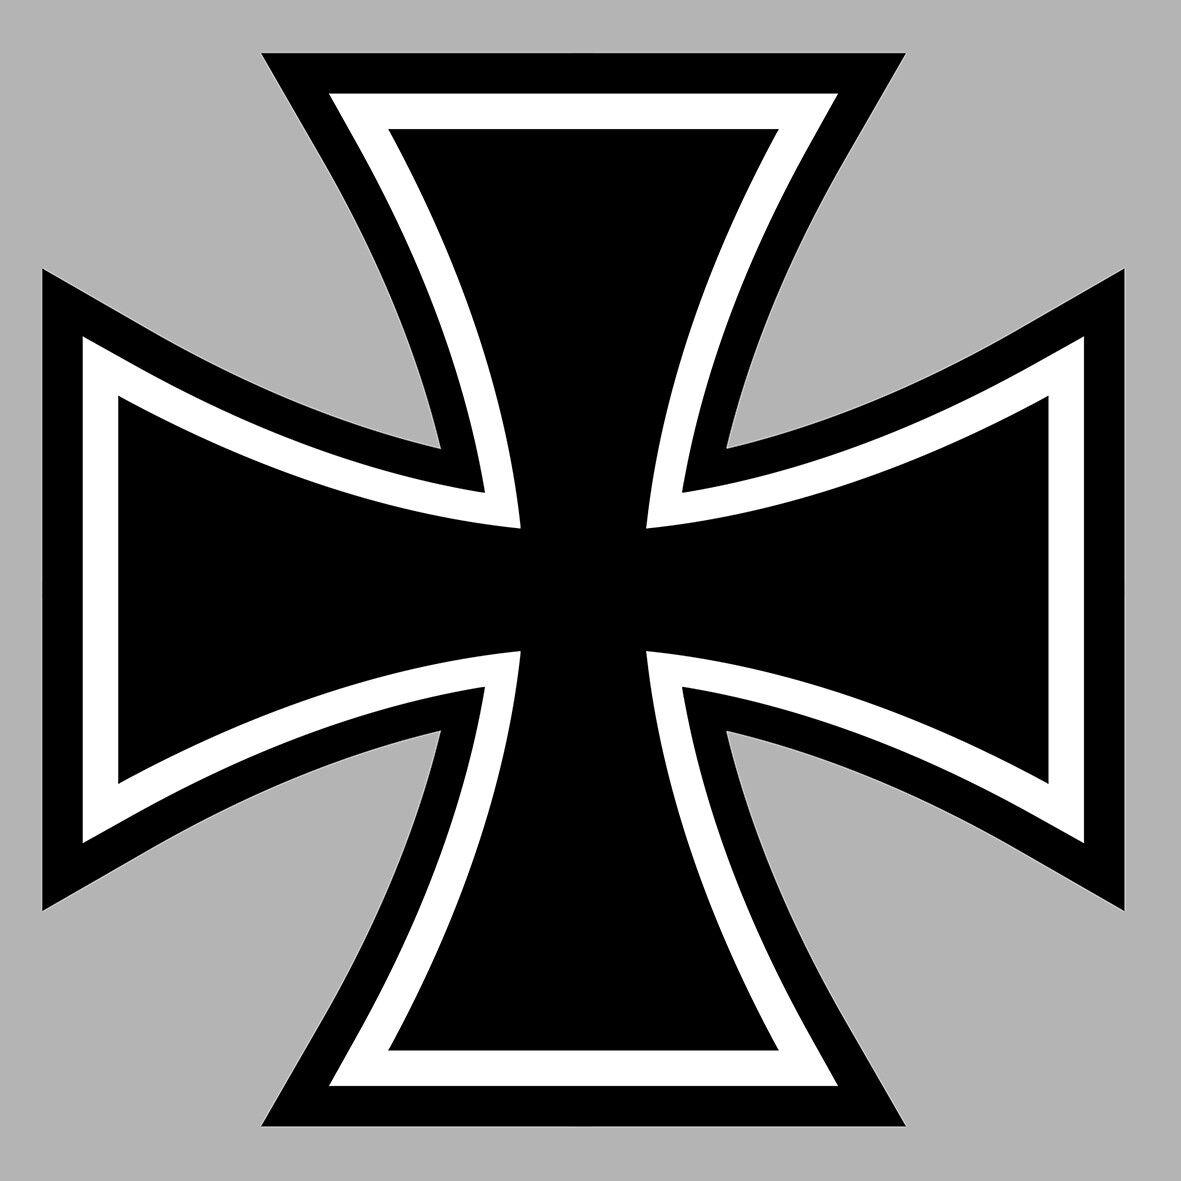 autocollant croix de fer malte biker avion guerre allemand sticker (ca141)